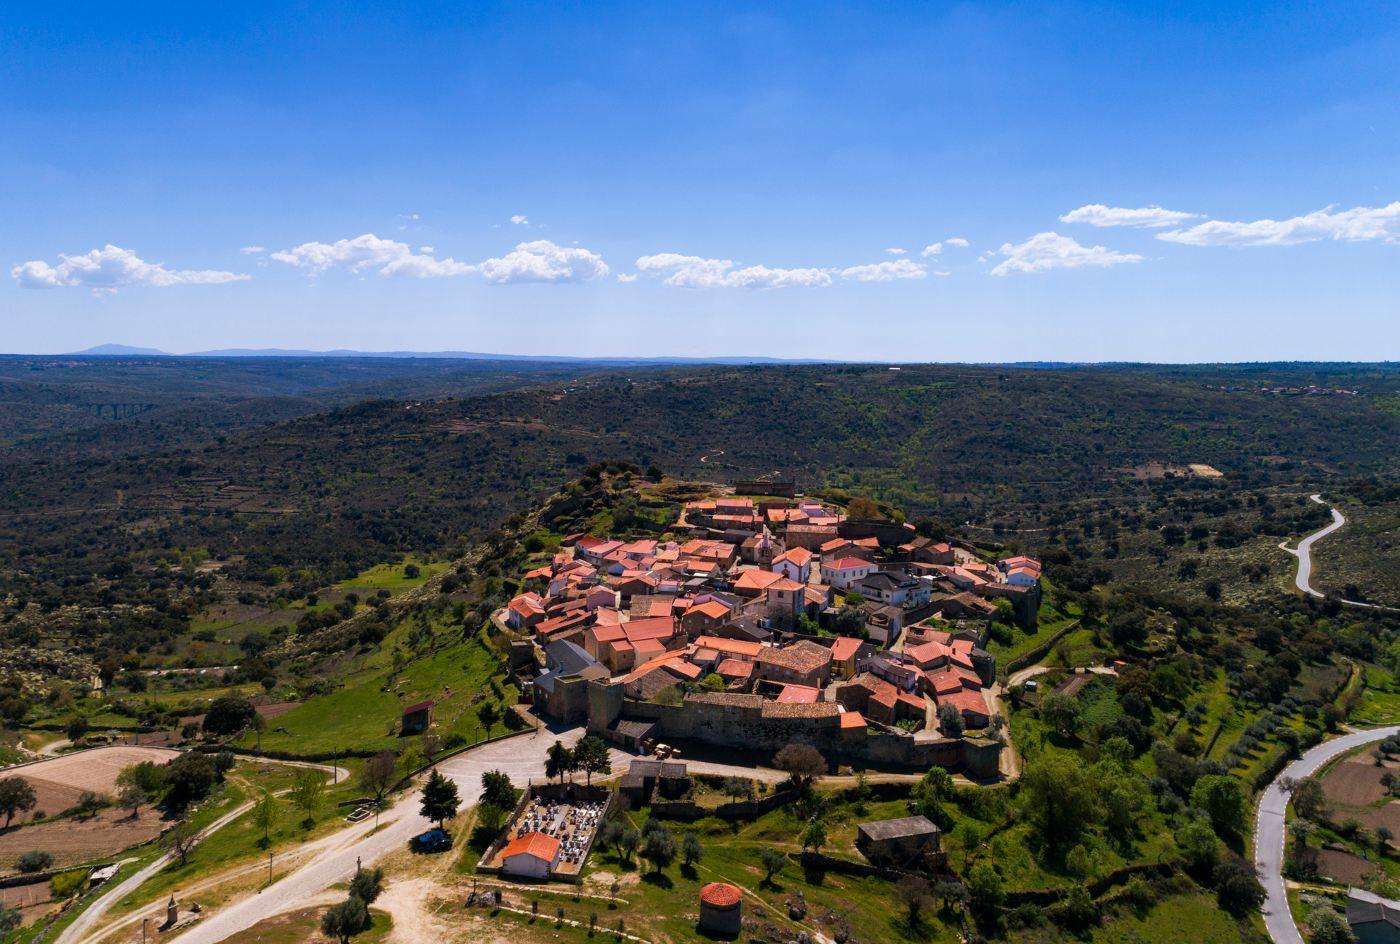 vista da aldeia histórica de castelo mendo